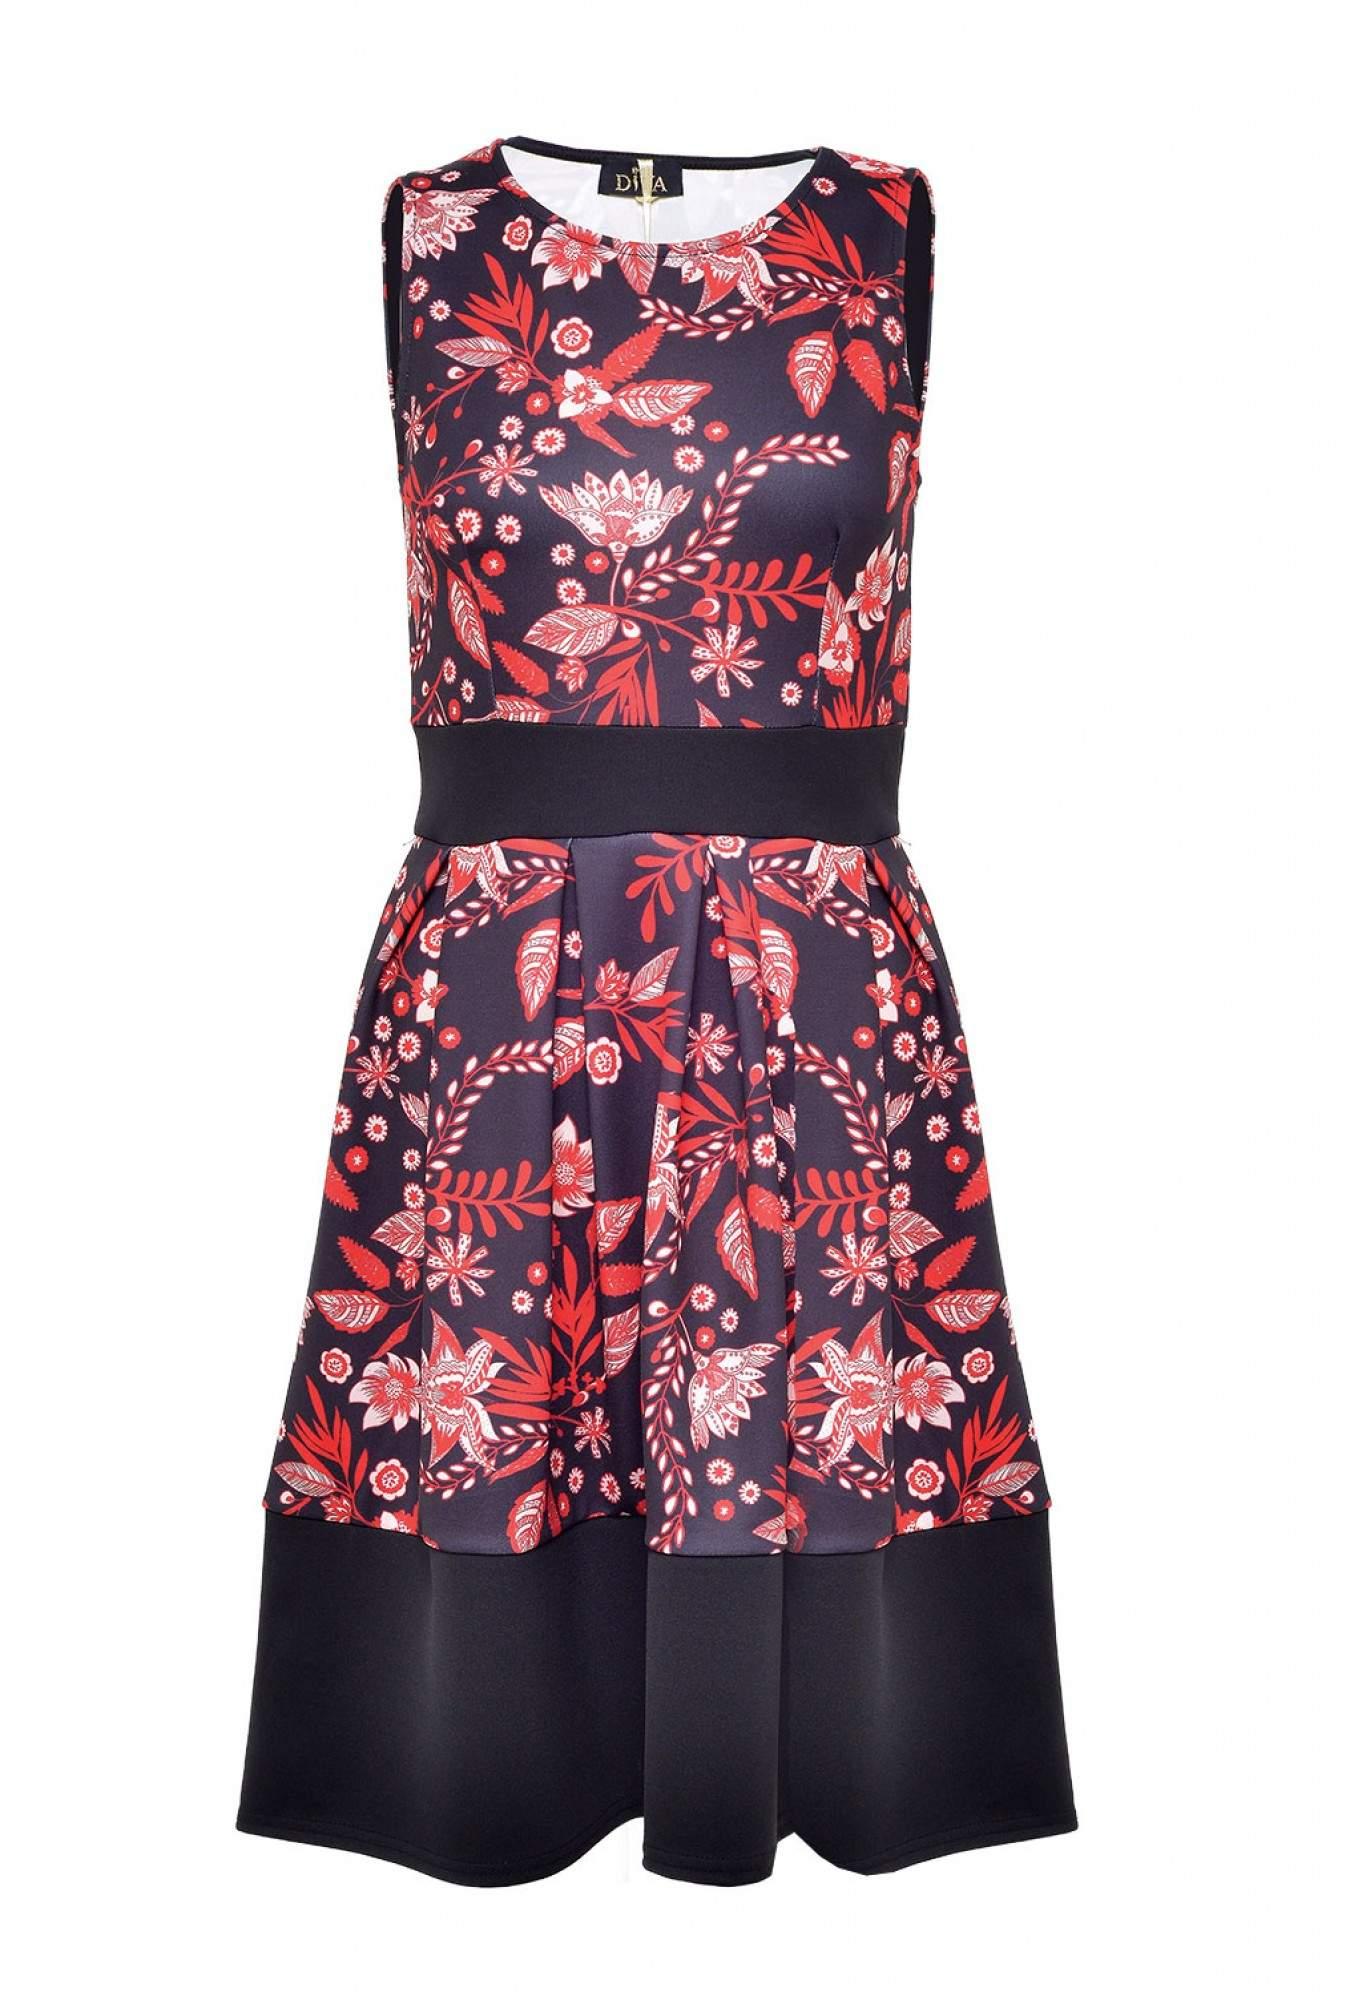 More Views. Sadie Floral Skater Dress ... bca5b69fb